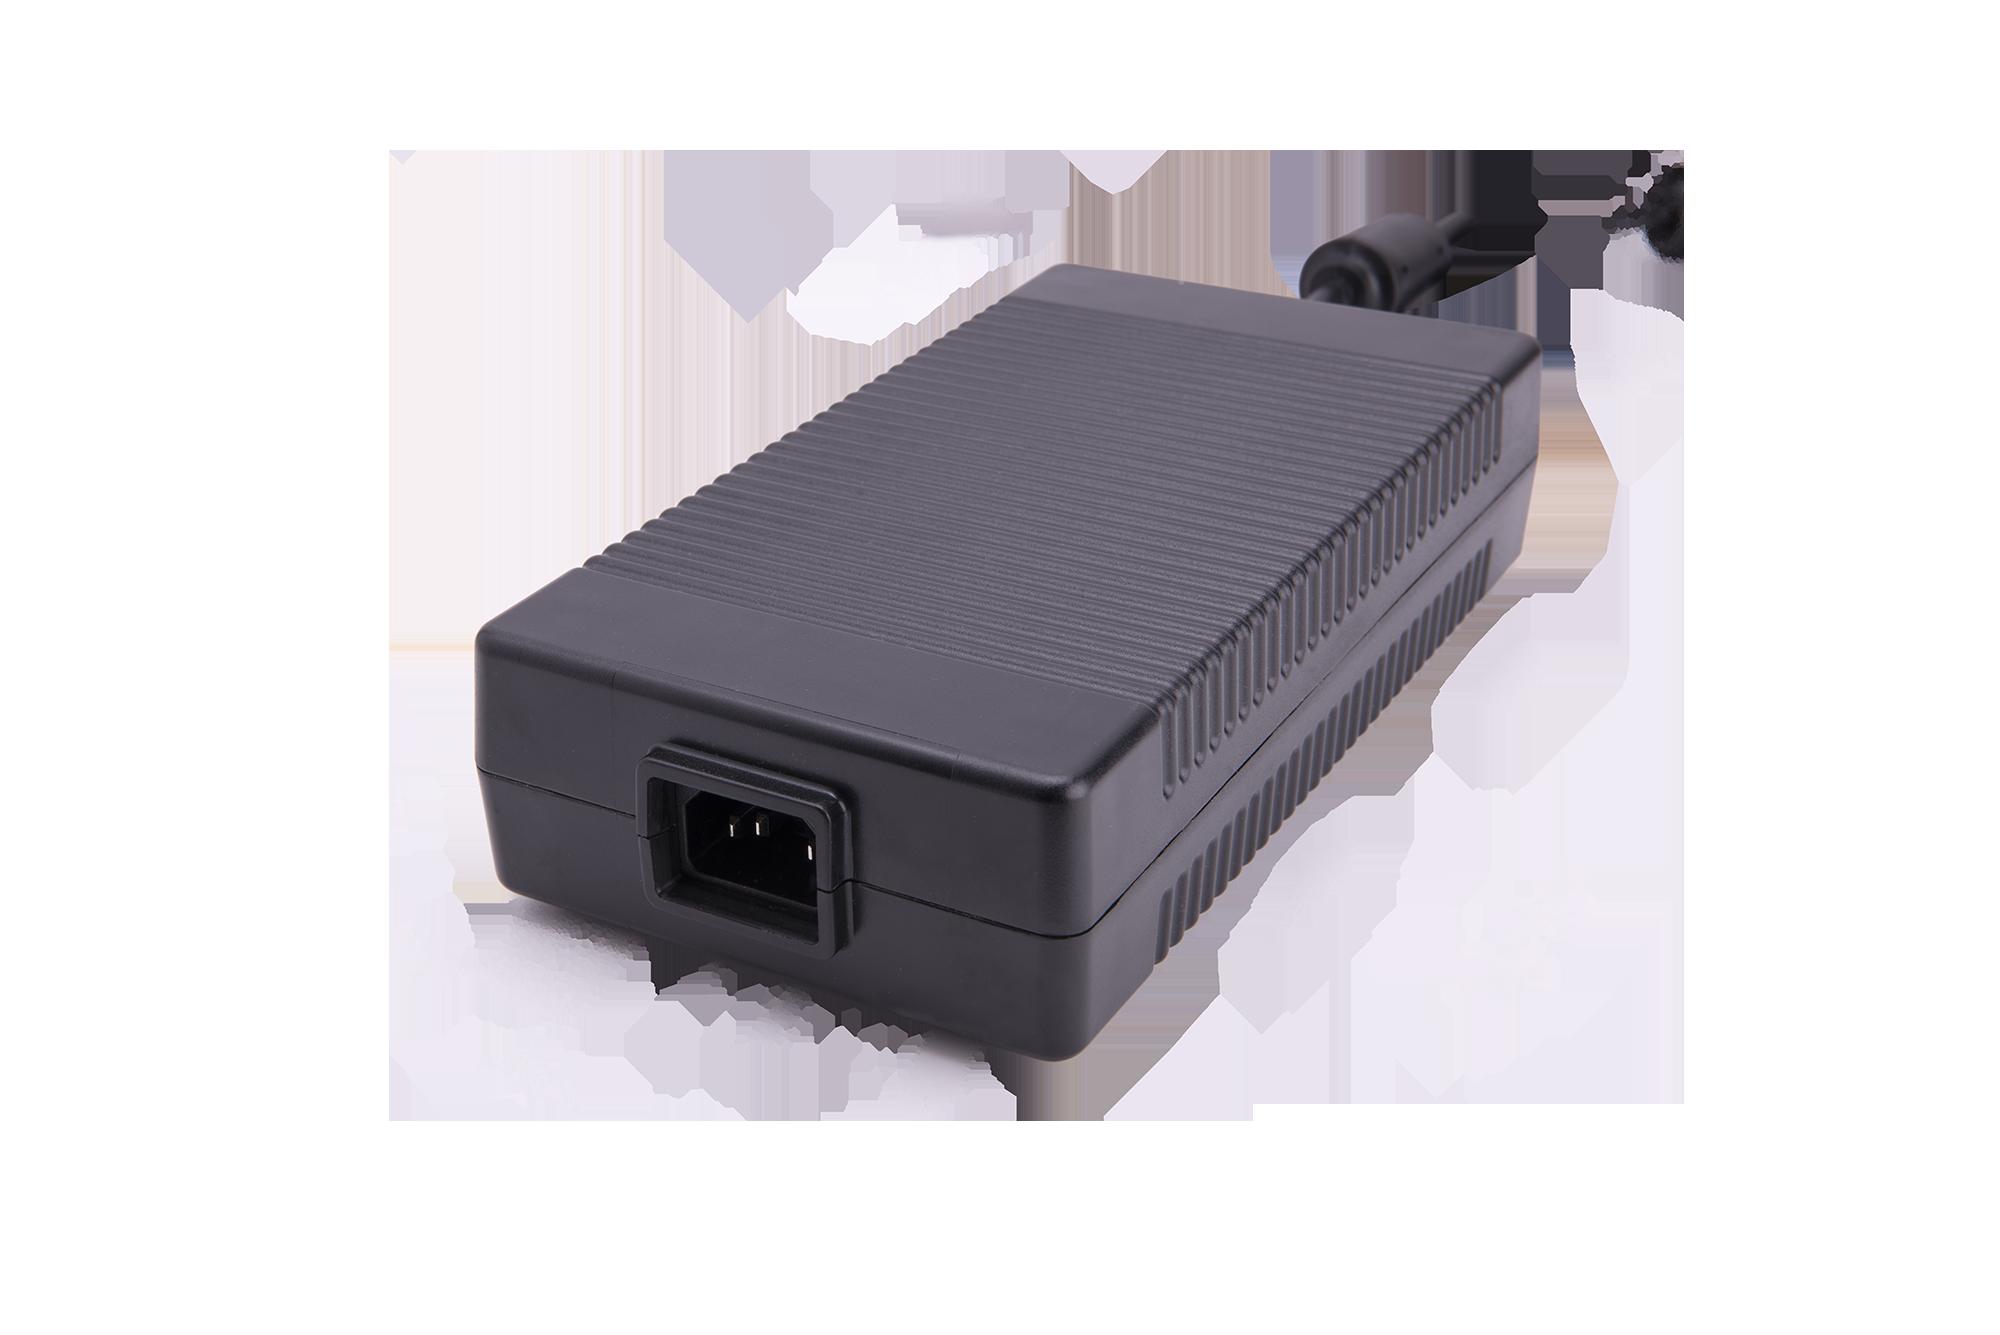 ME240 SL Power